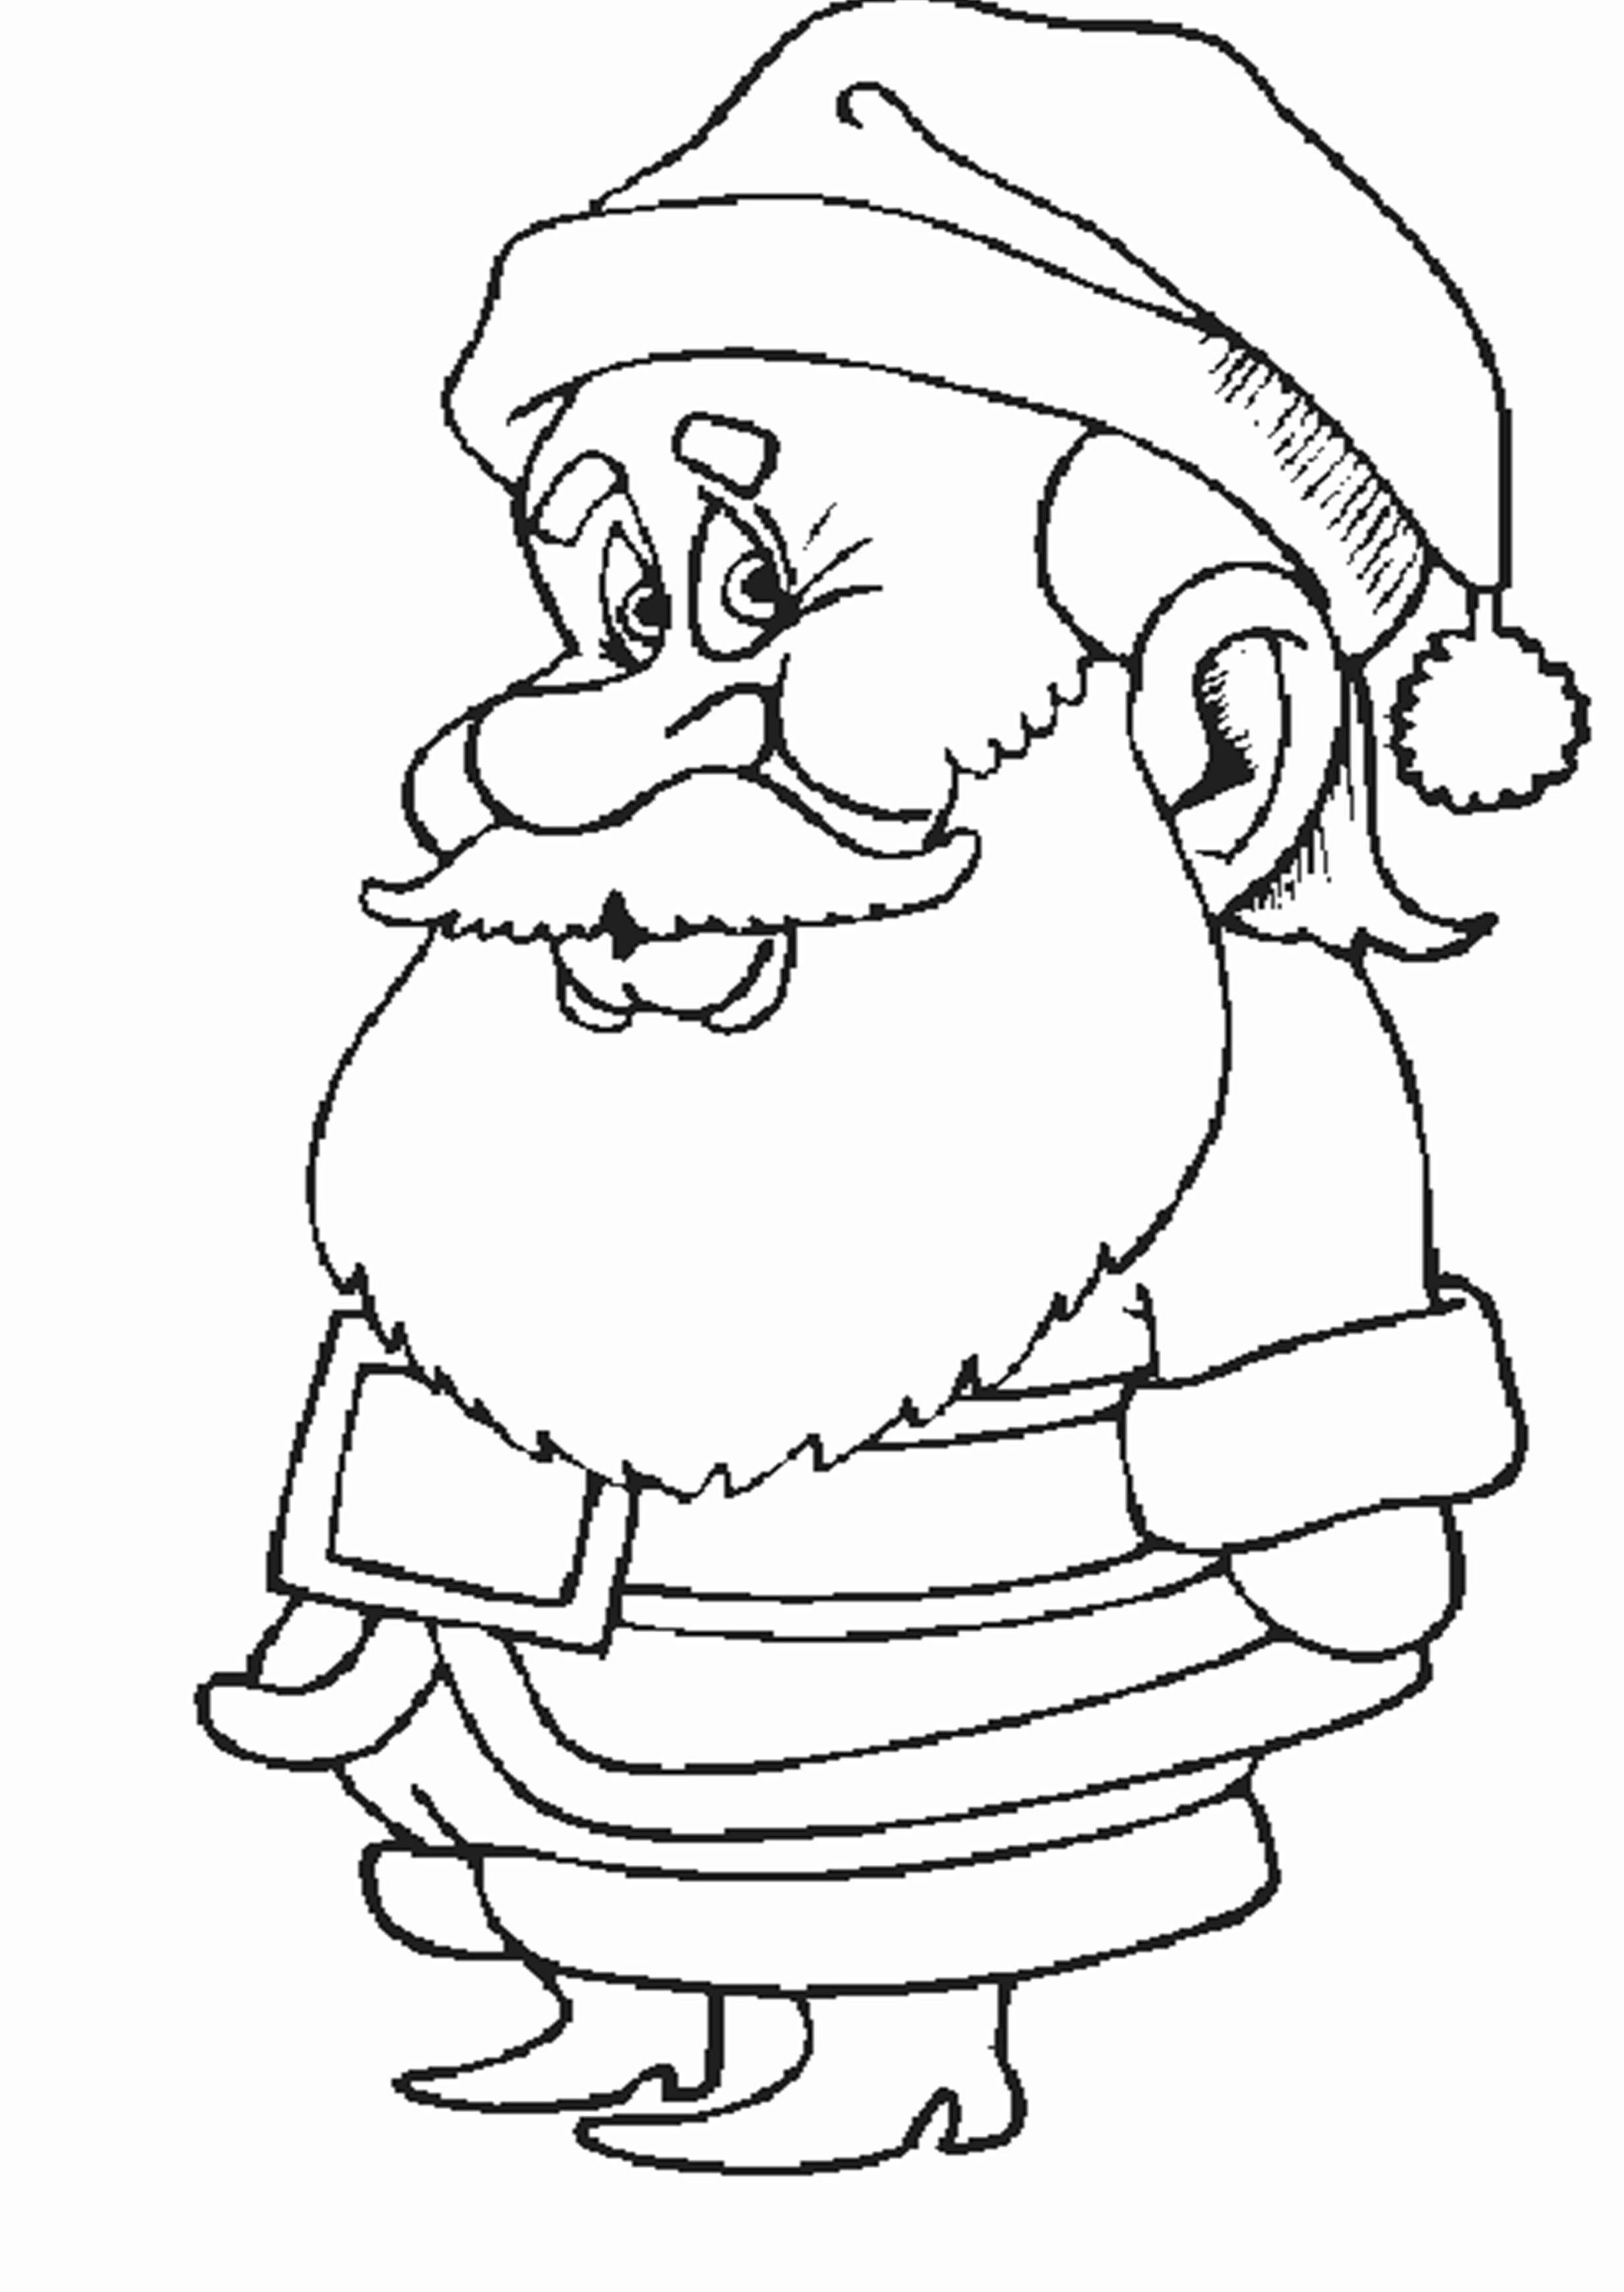 Новогодняя картинка раскраска для детей для печати